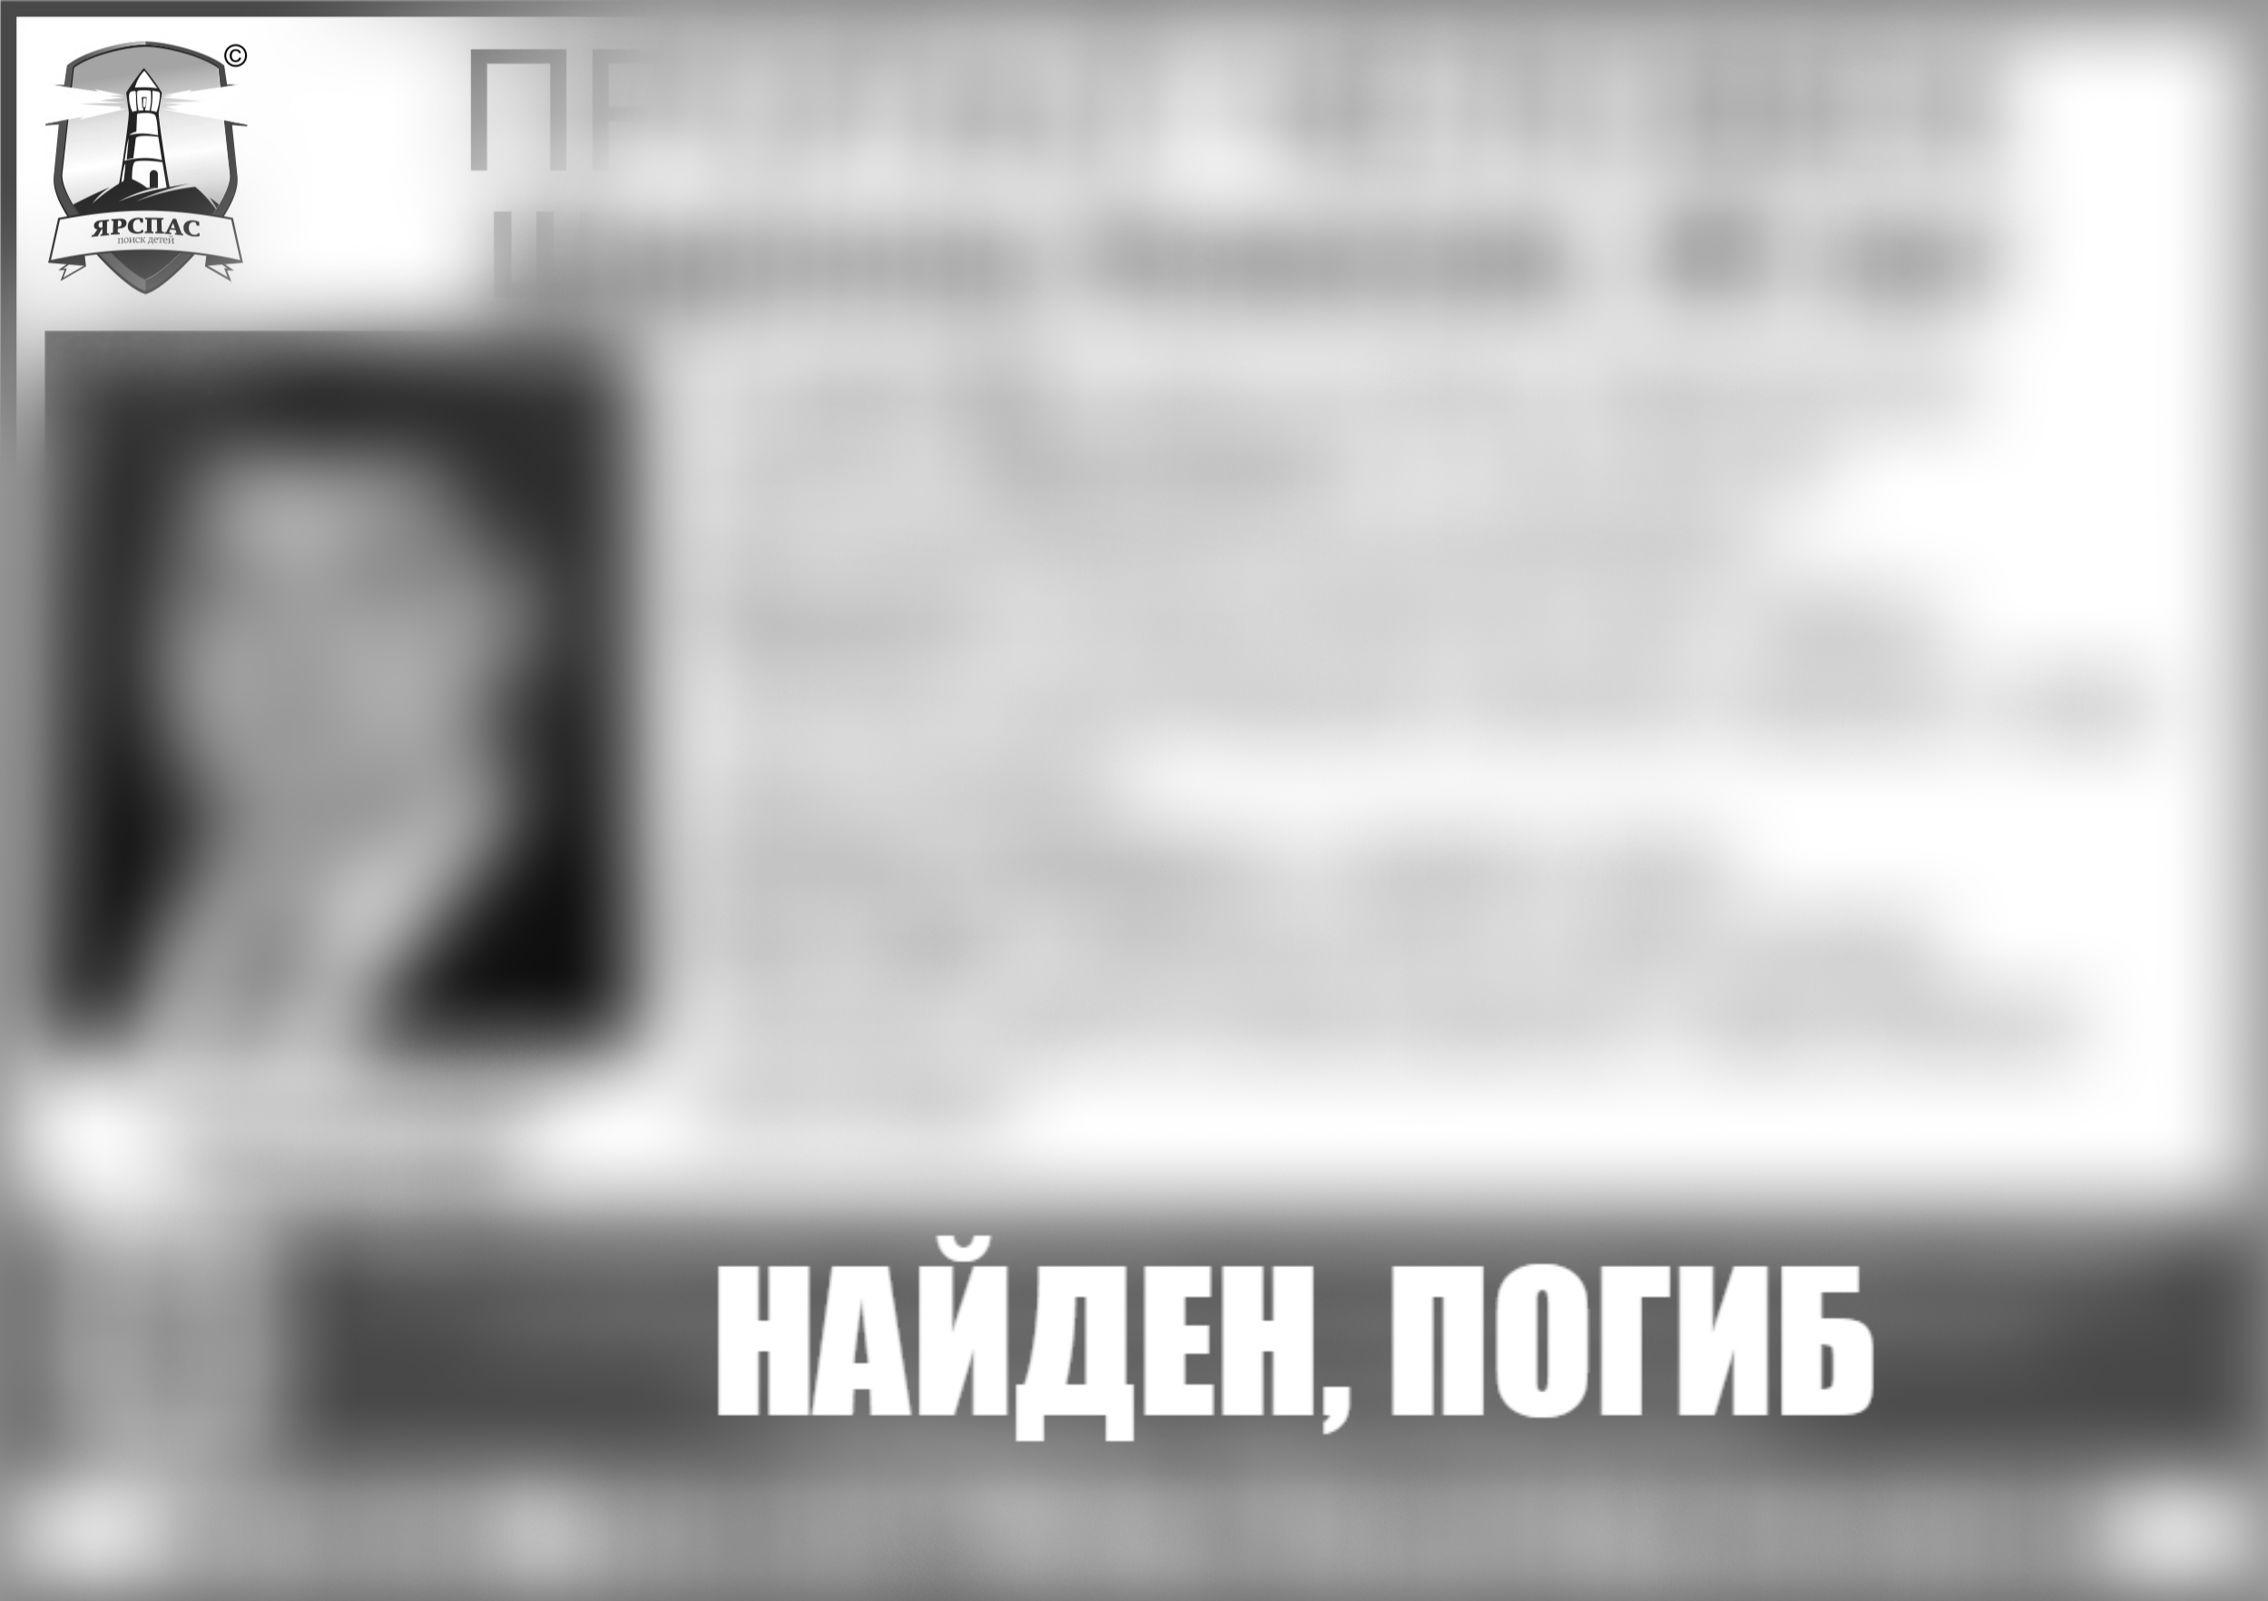 В Ярославле нашли тело пропавшего мужчины